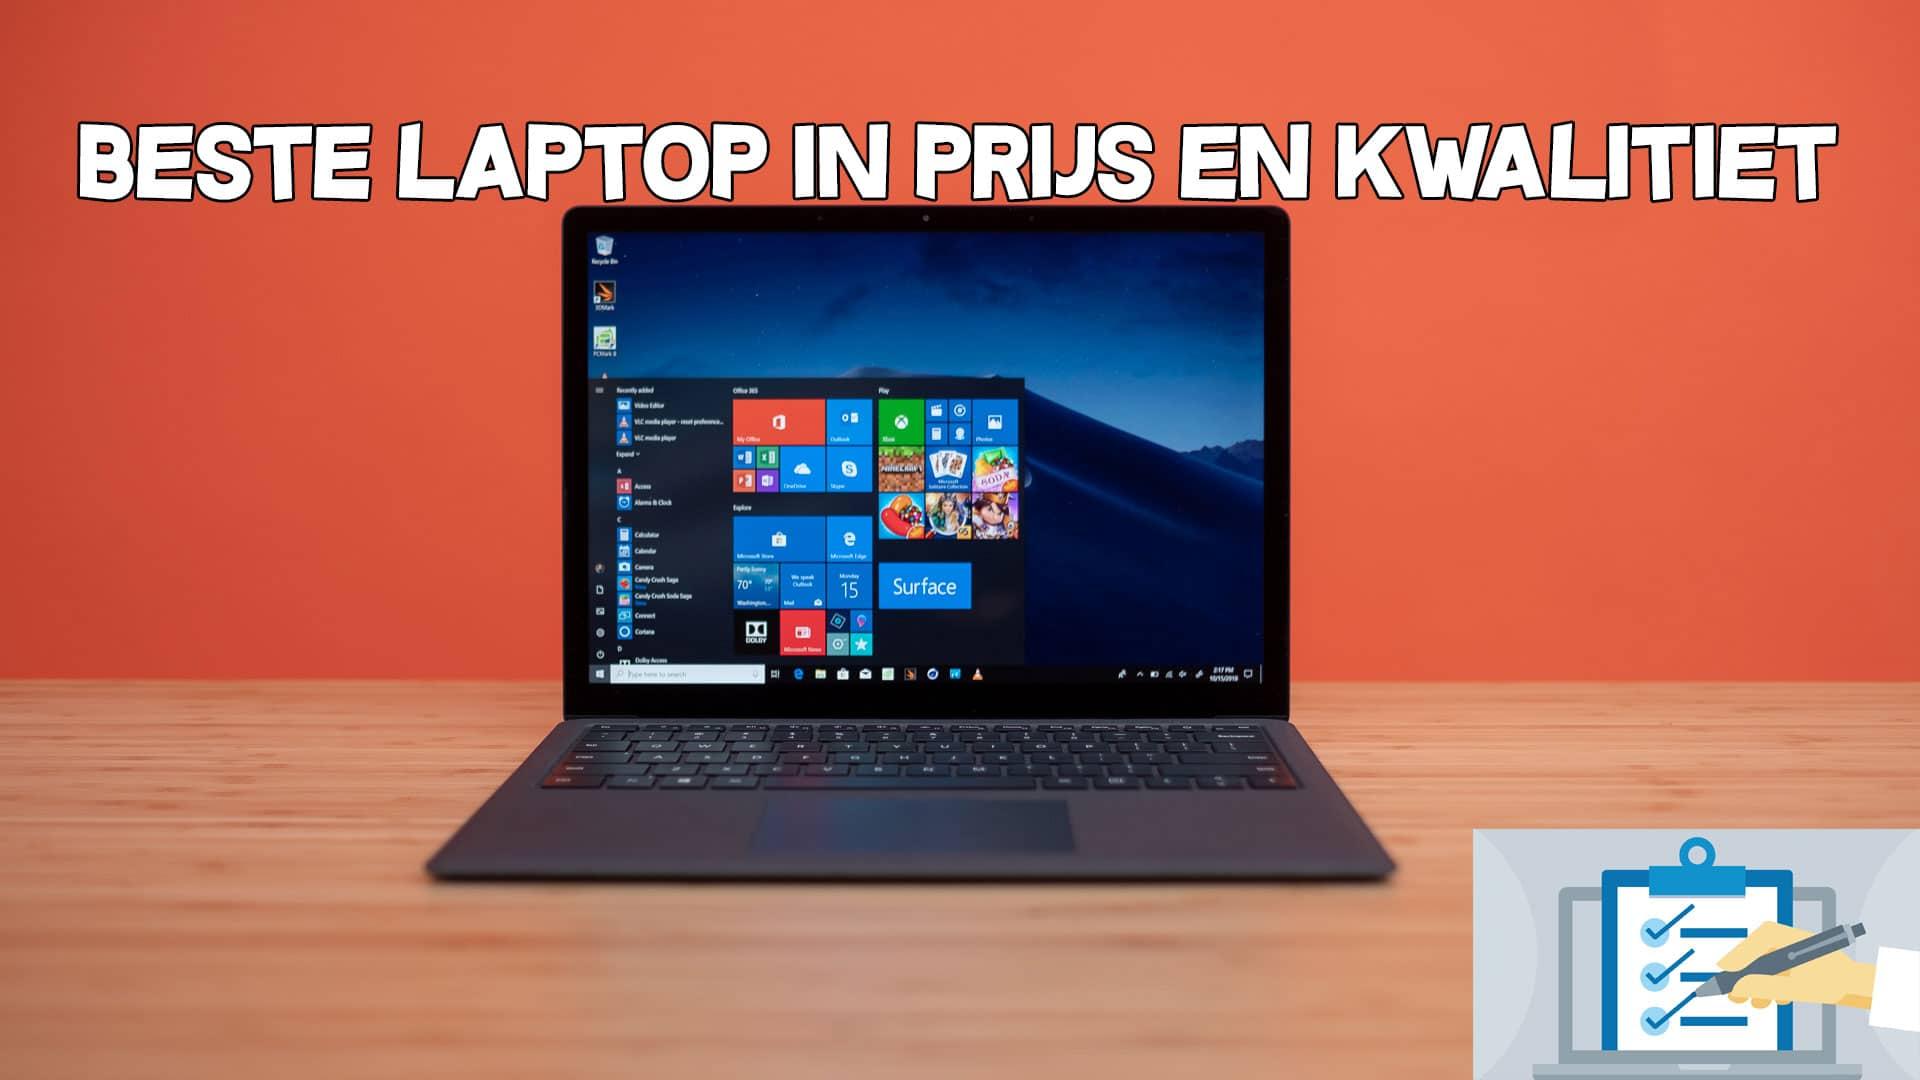 Beste goede laptop prijs en kwaliteit